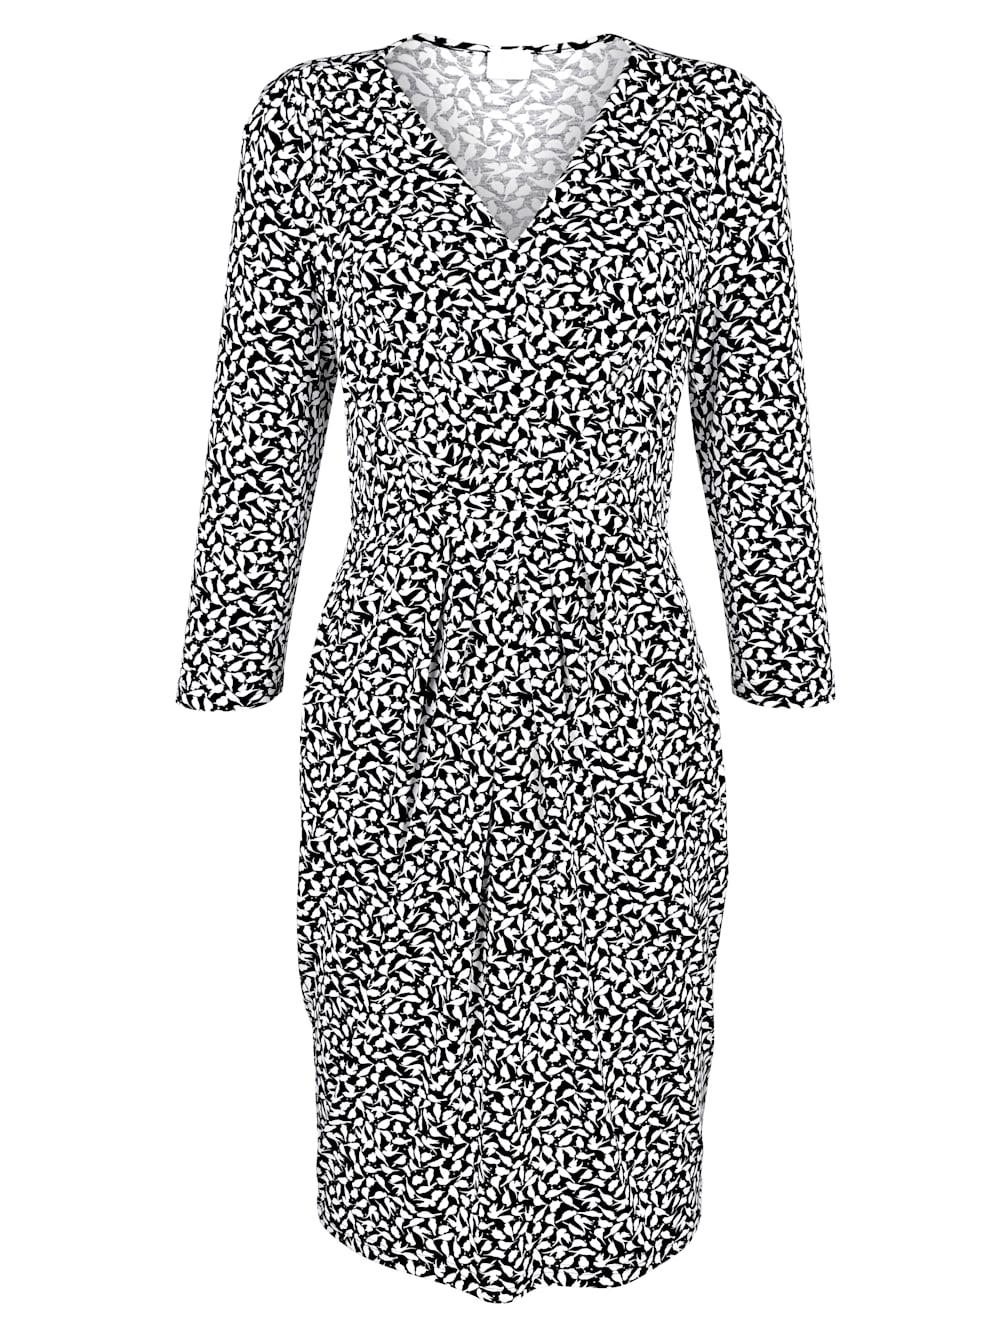 alba moda kleid mit schwalben-print | alba moda